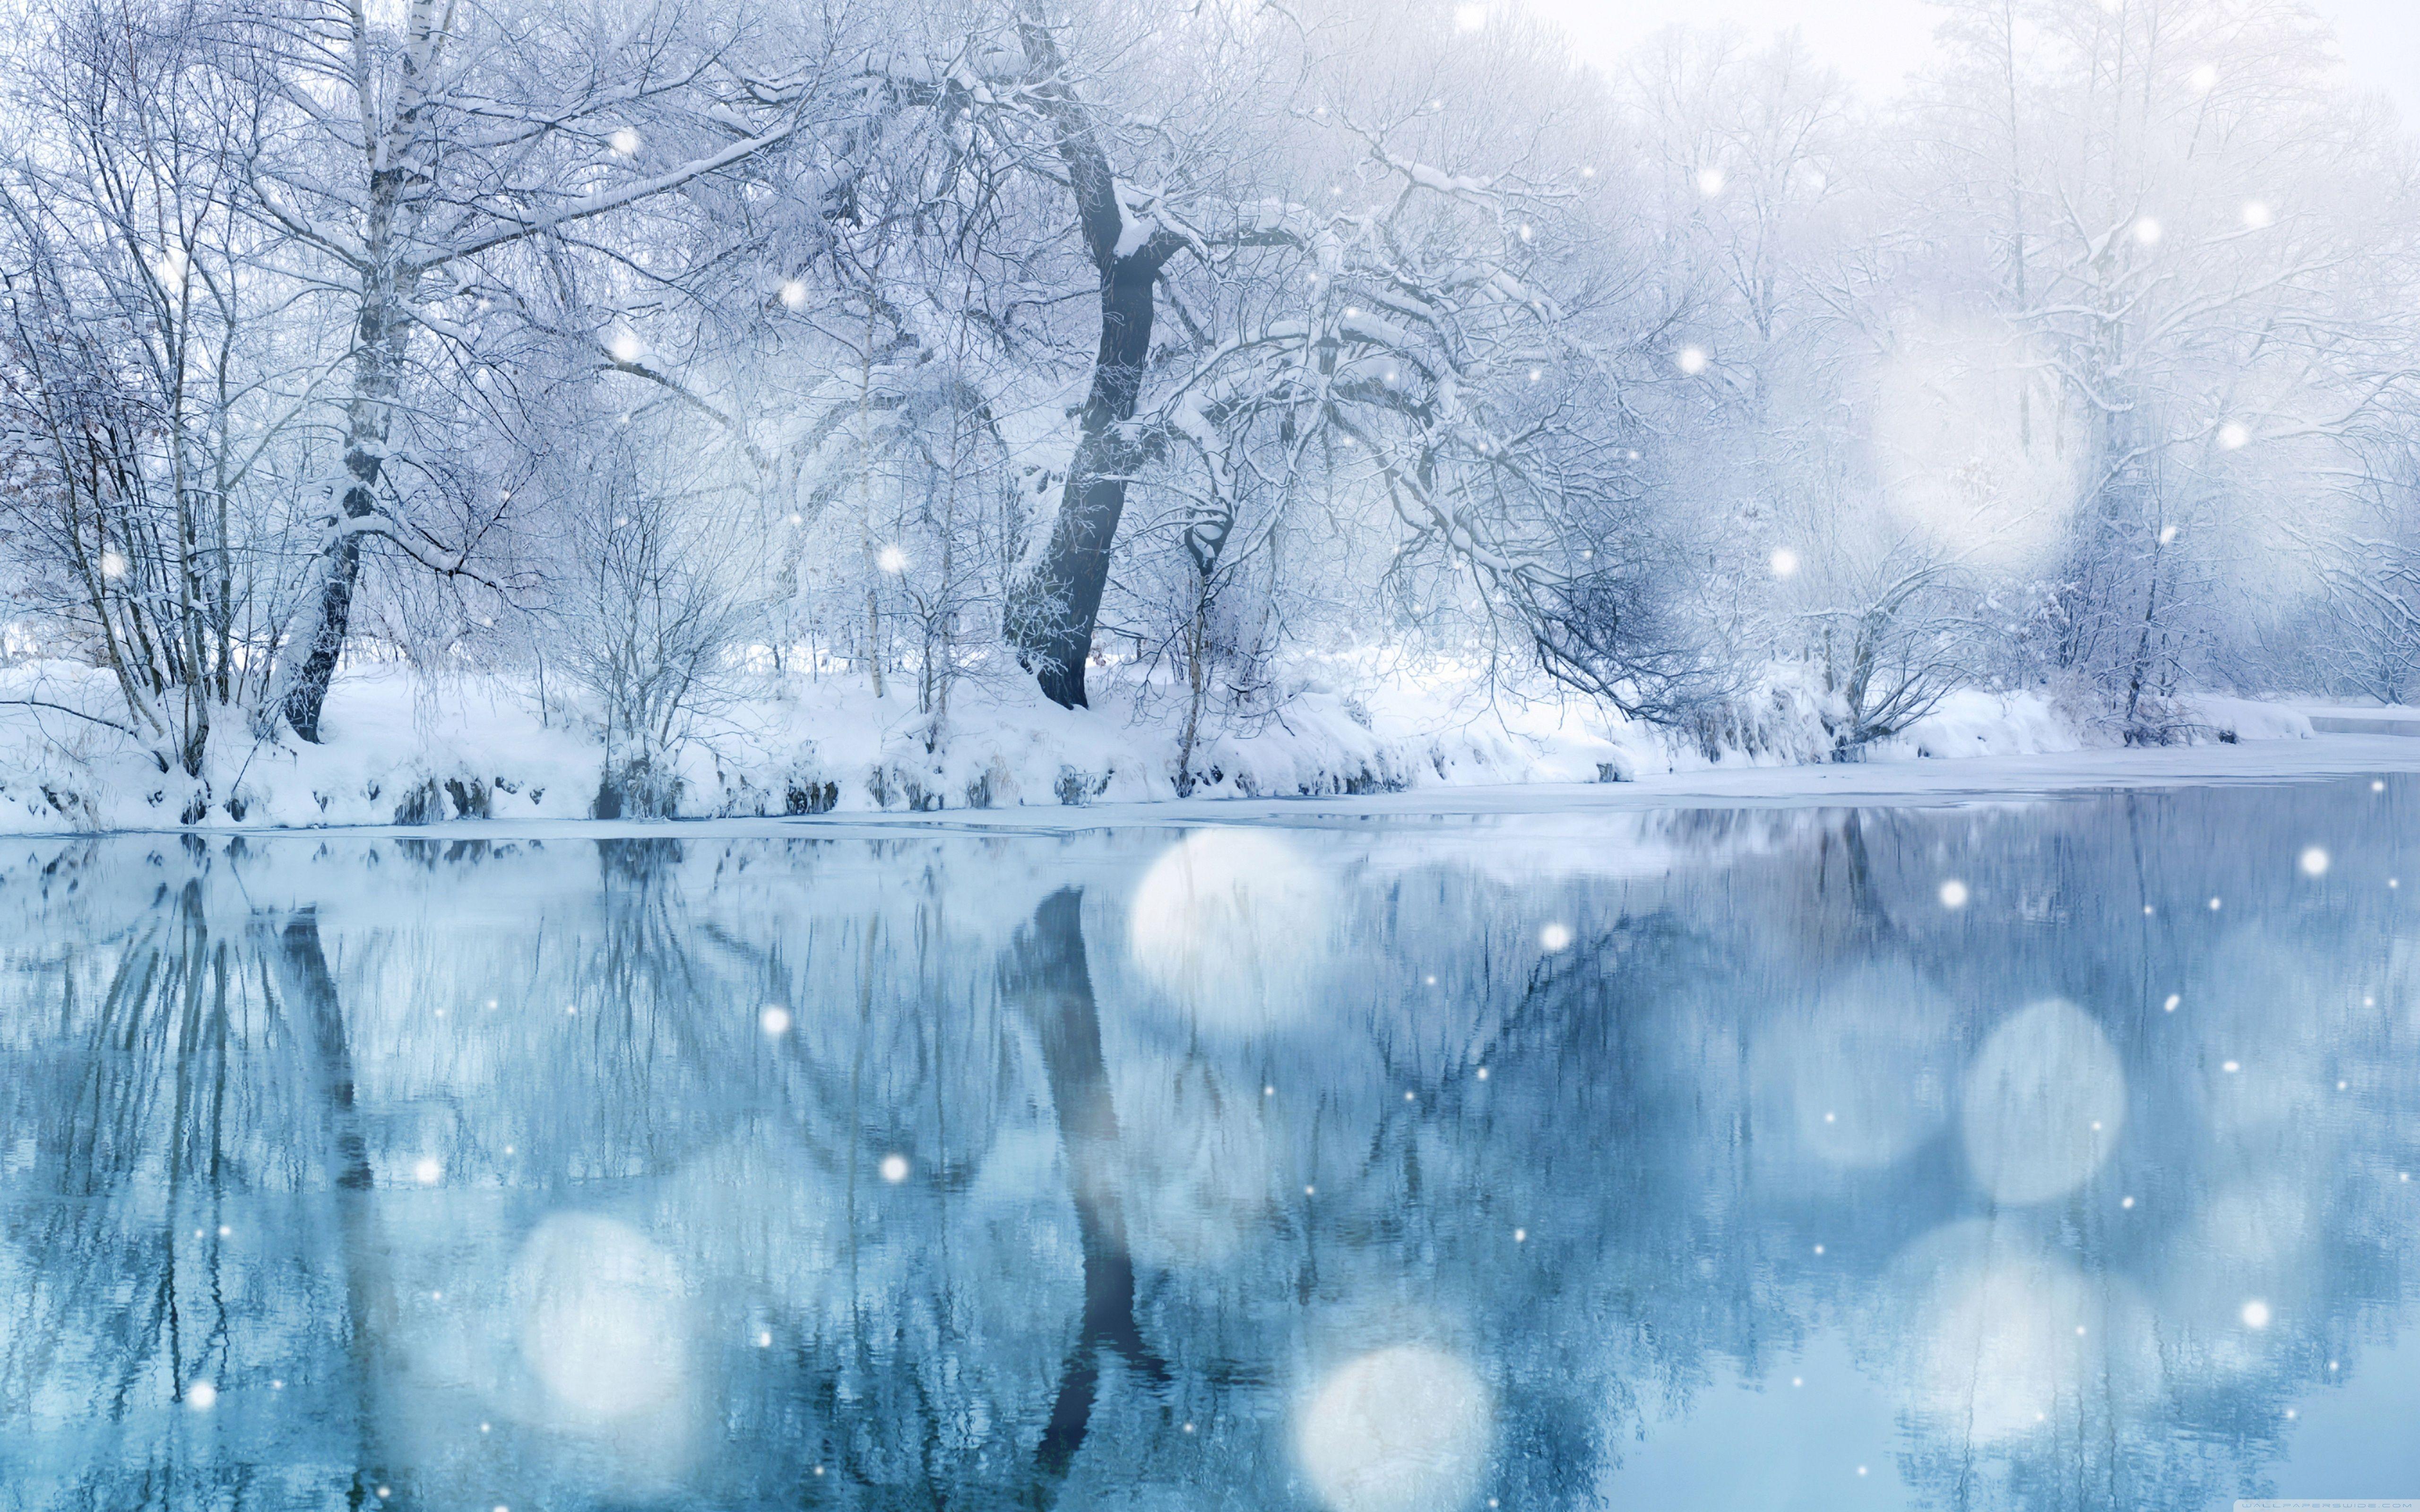 Winter Snowfall Hd Desktop Wallpaper High Definition Mobile Goller Manzara Nehir